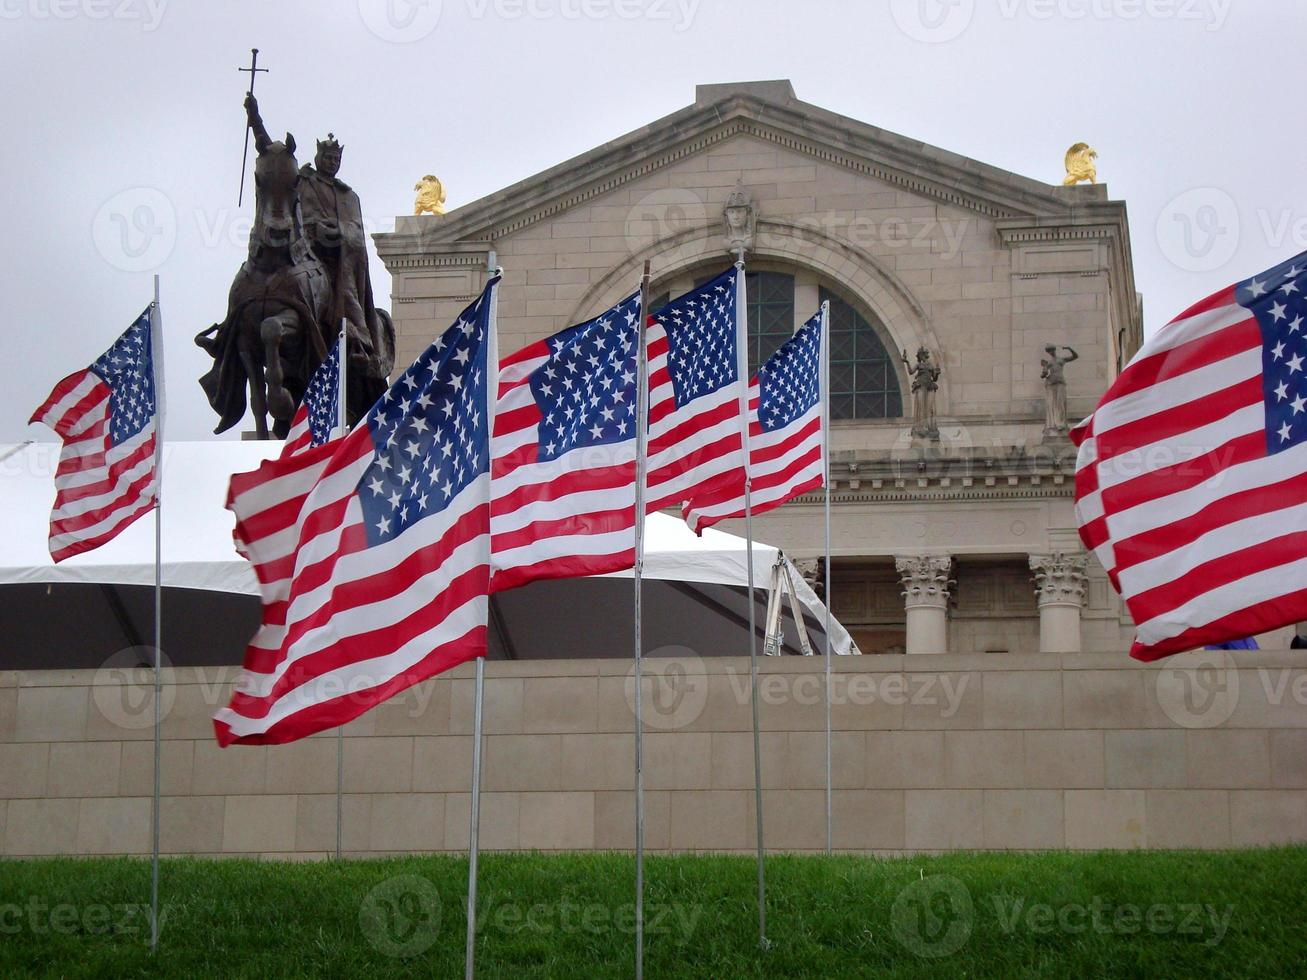 banderas americanas en saint louis, missouri ataques del 11 de septiembre foto